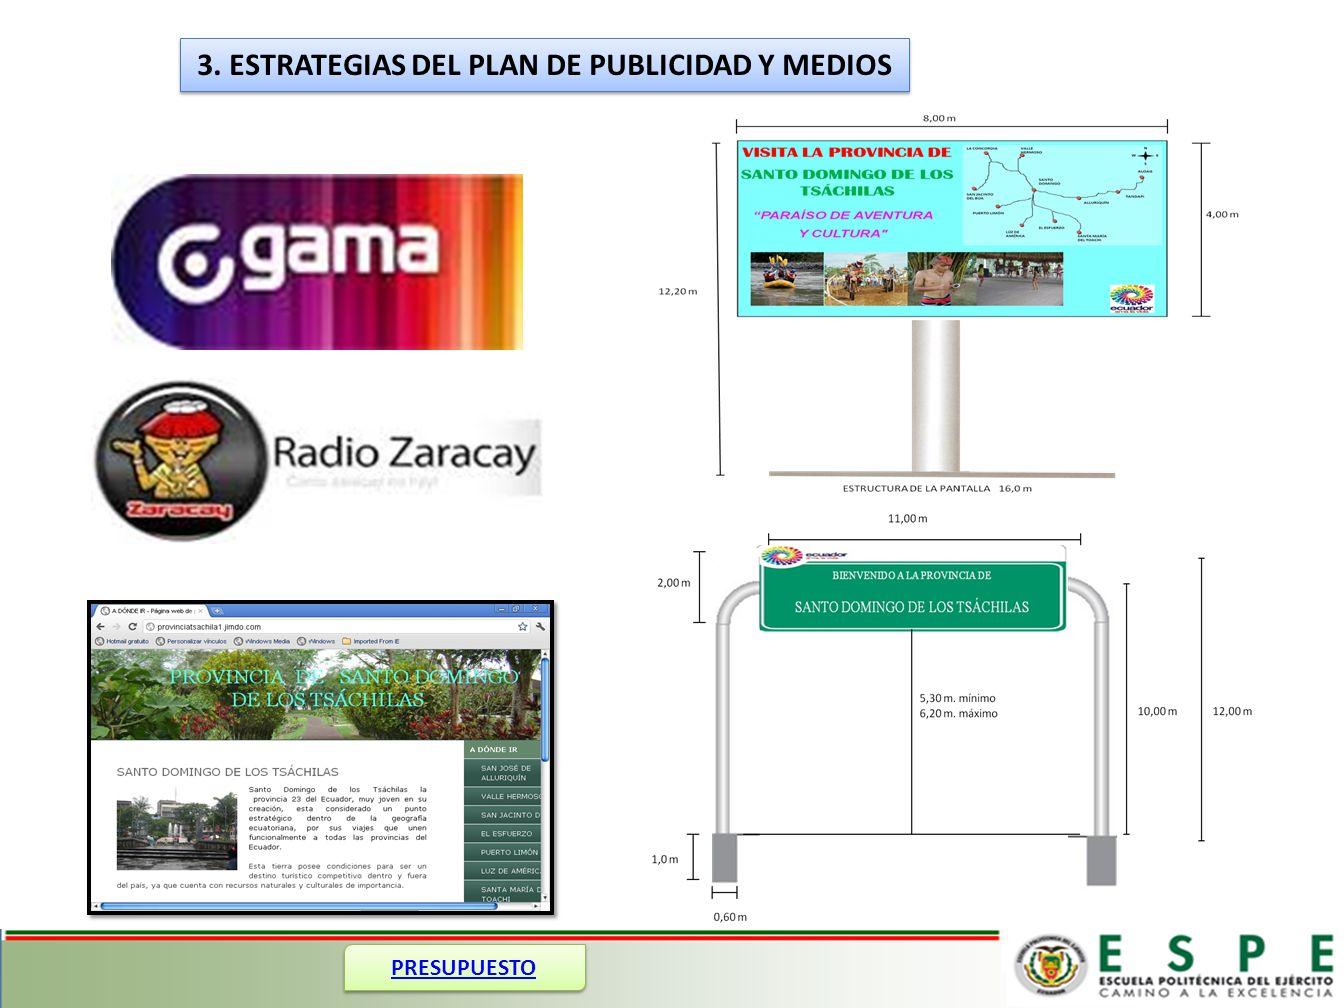 3. ESTRATEGIAS DEL PLAN DE PUBLICIDAD Y MEDIOS